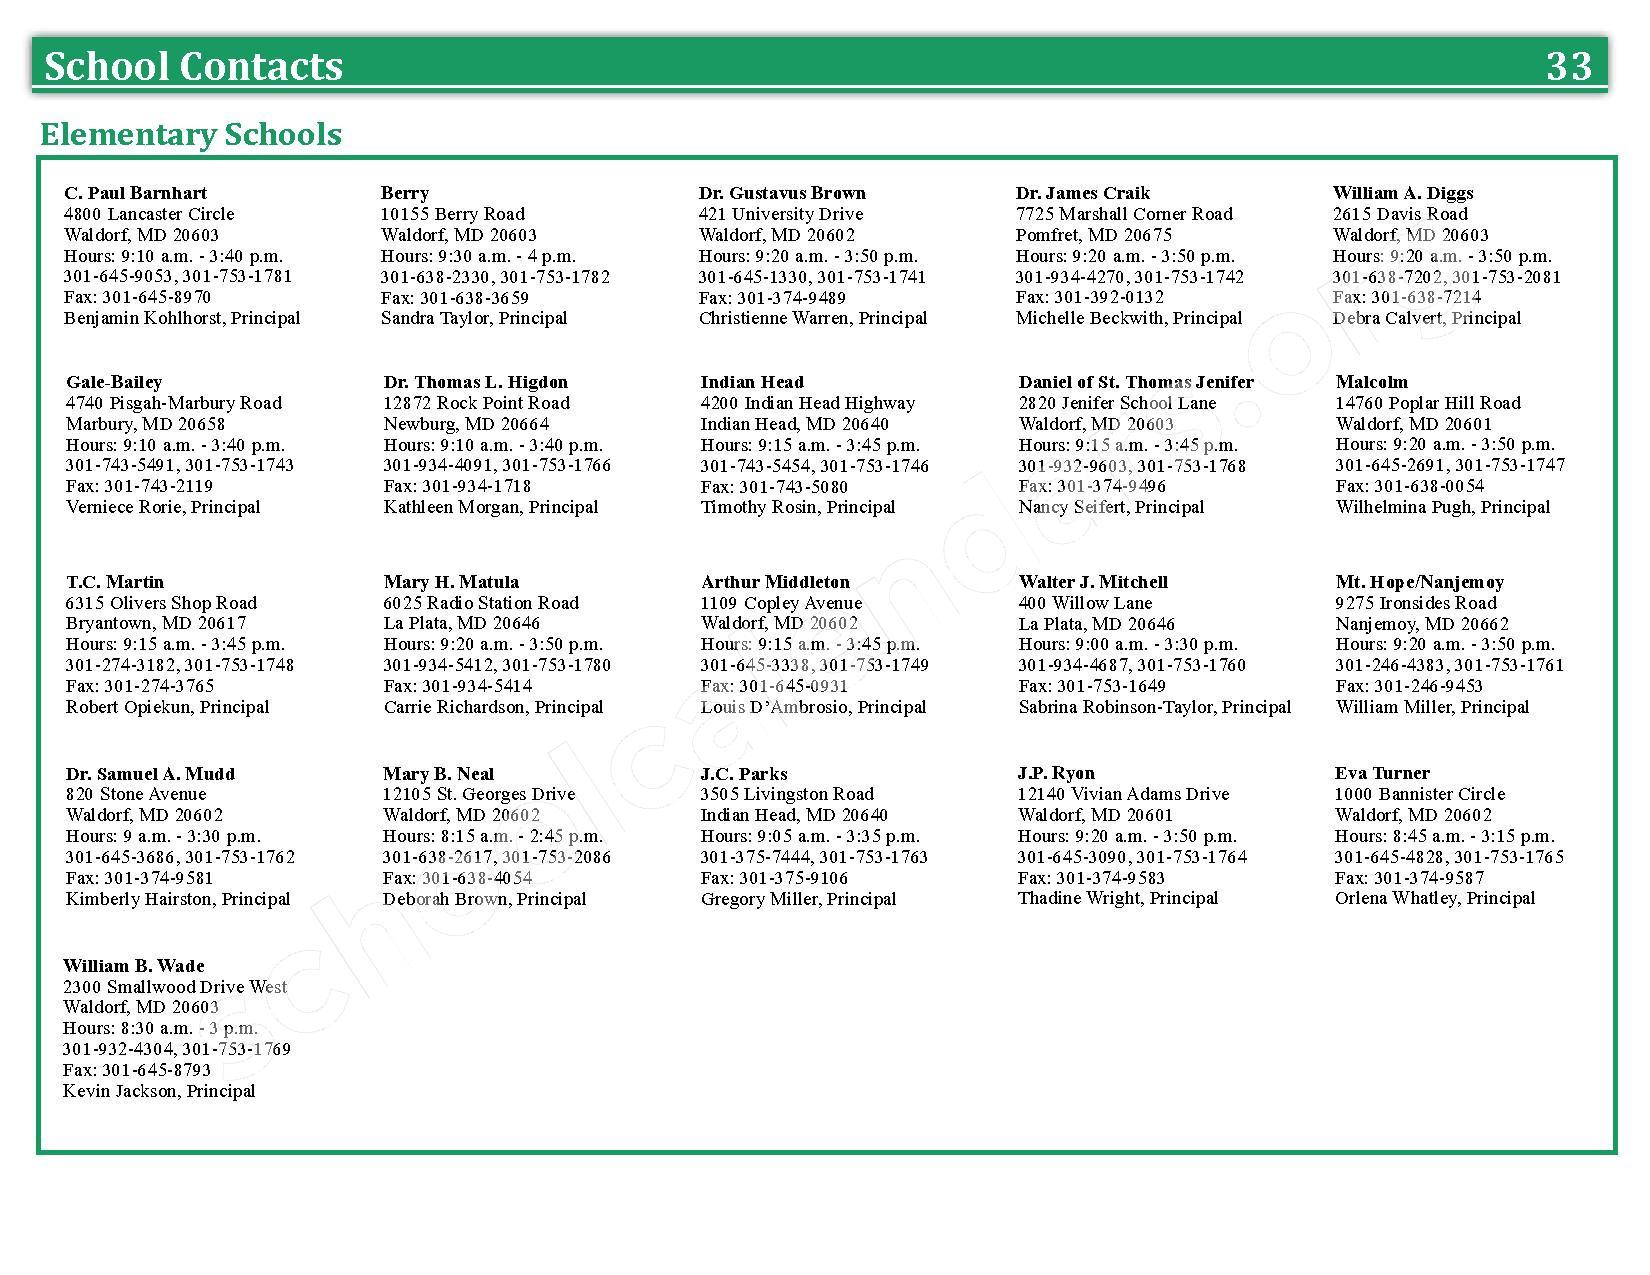 2016 - 2017 School Calendar – Charles County Public Schools – page 36